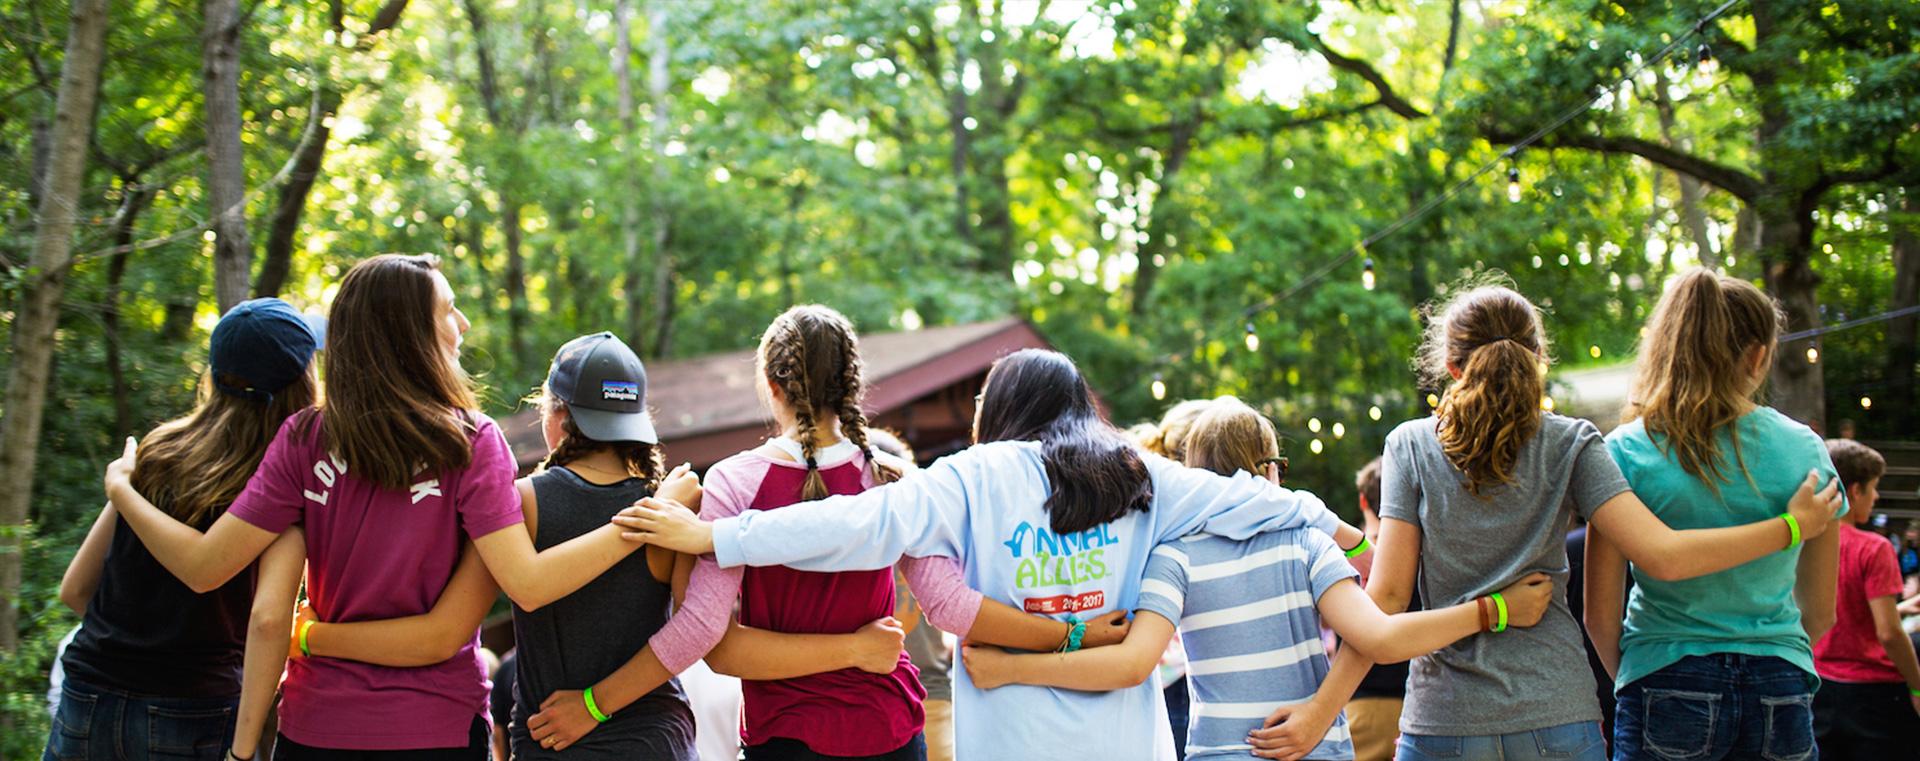 Campamentos de verano en EEUU